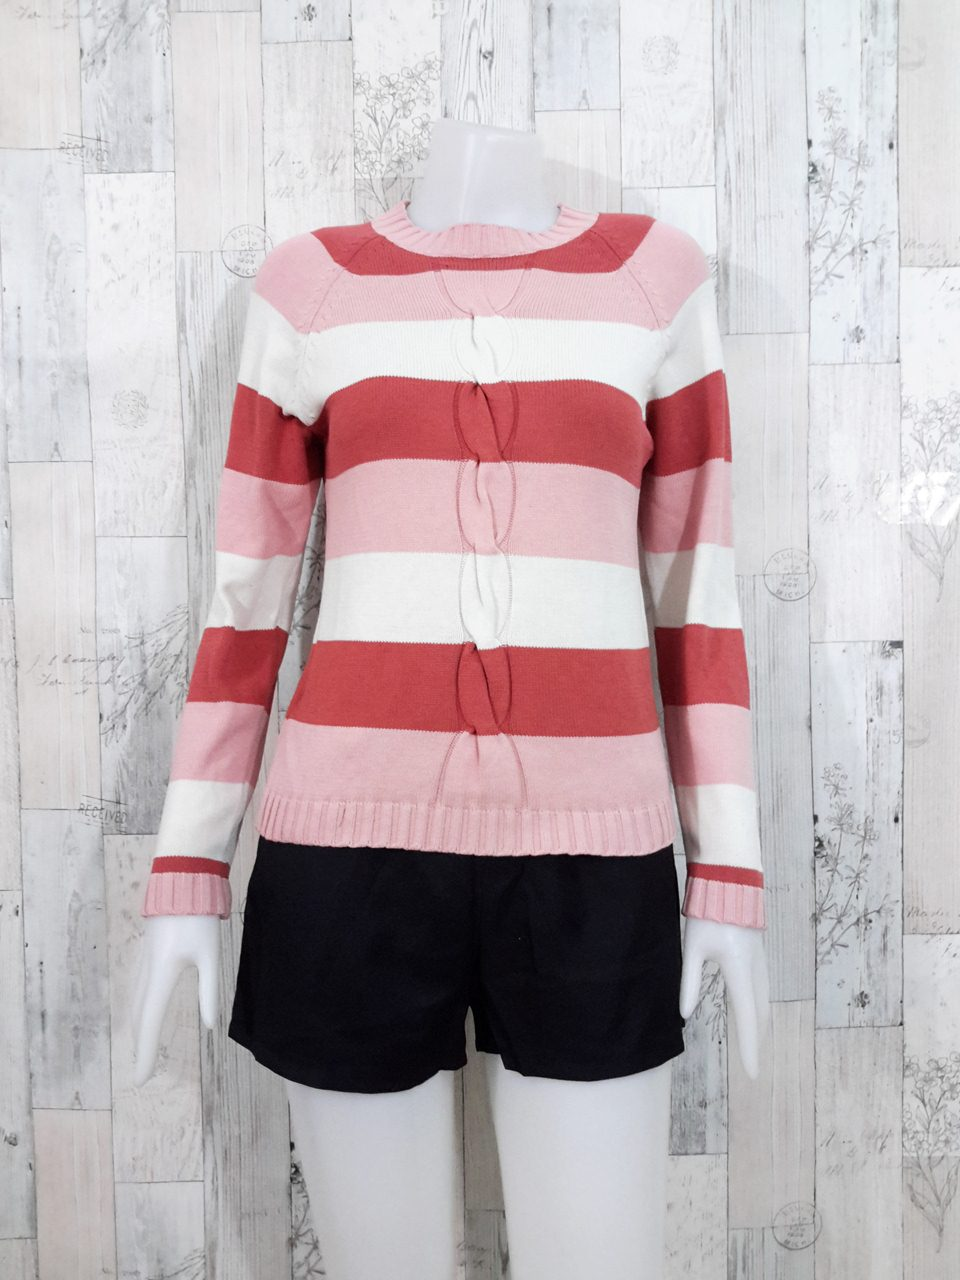 Blouse3534 2nd hand clothes เสื้อไหมพรมเนื้อแน่น(เนื้อหนาปานกลาง) แขนยาว คอกลม แต่งลายเปียนูน ลายริ้วโทนสีชมพูแดงปูน